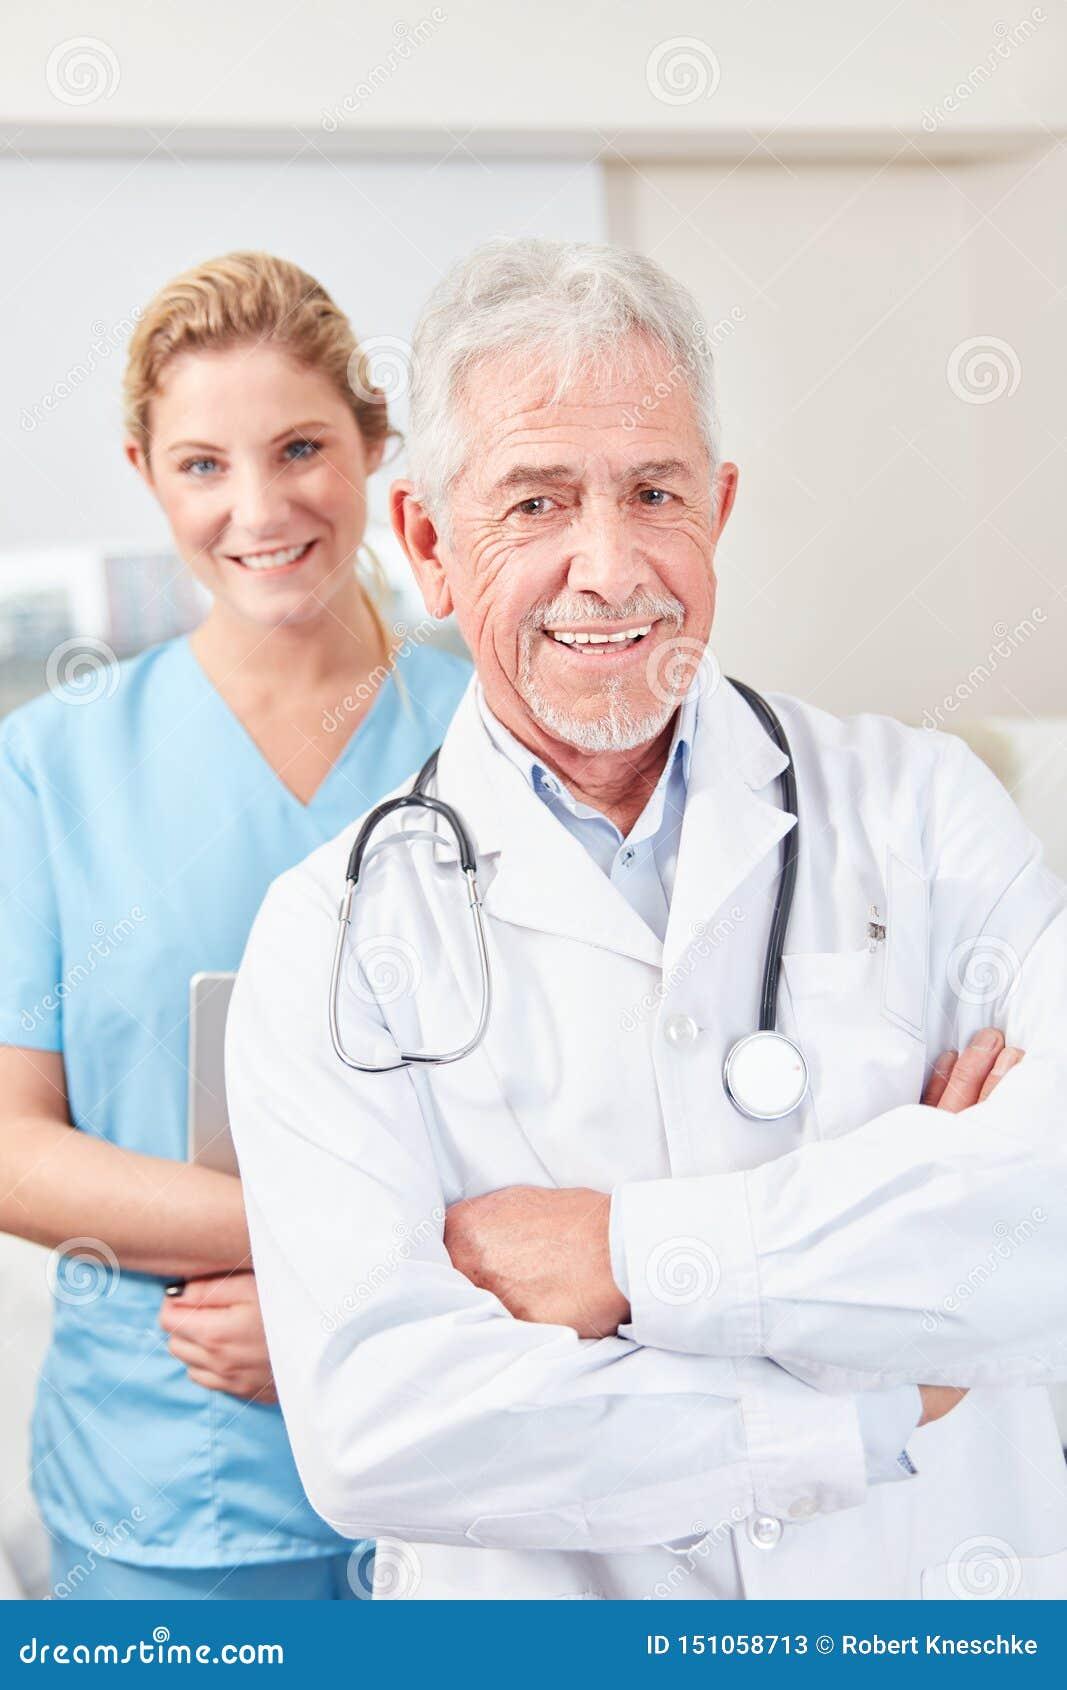 Lyckad och självsäker högsta läkare